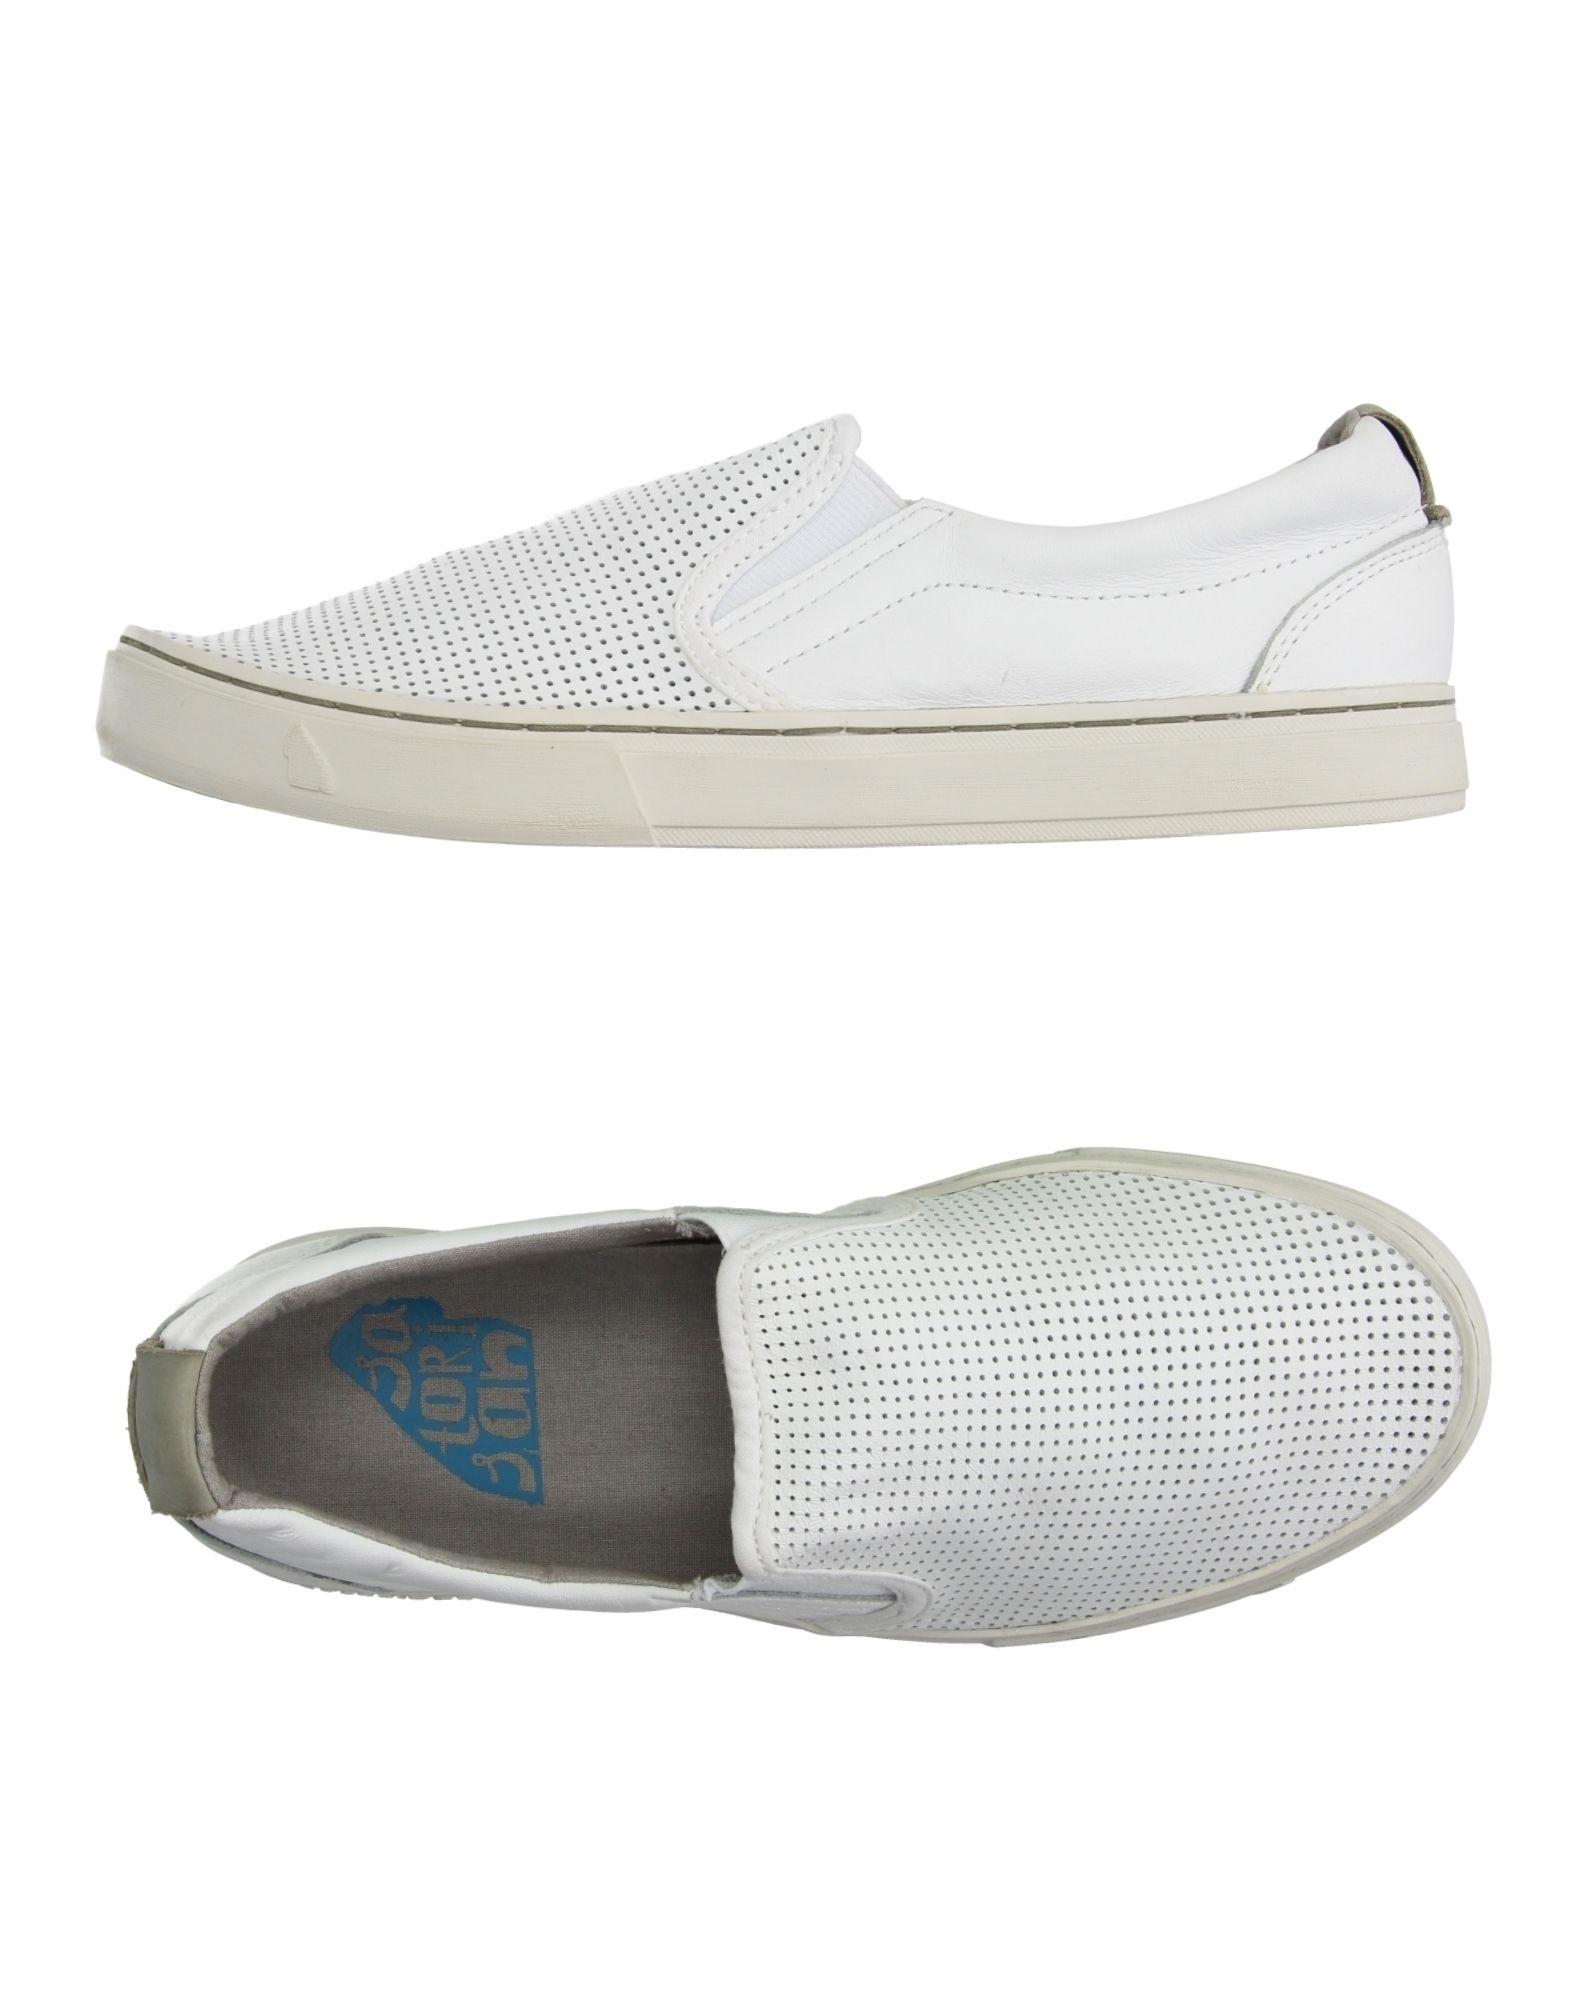 Rabatt echte  Schuhe Satorisan Sneakers Herren  echte 11163037AK 73f681